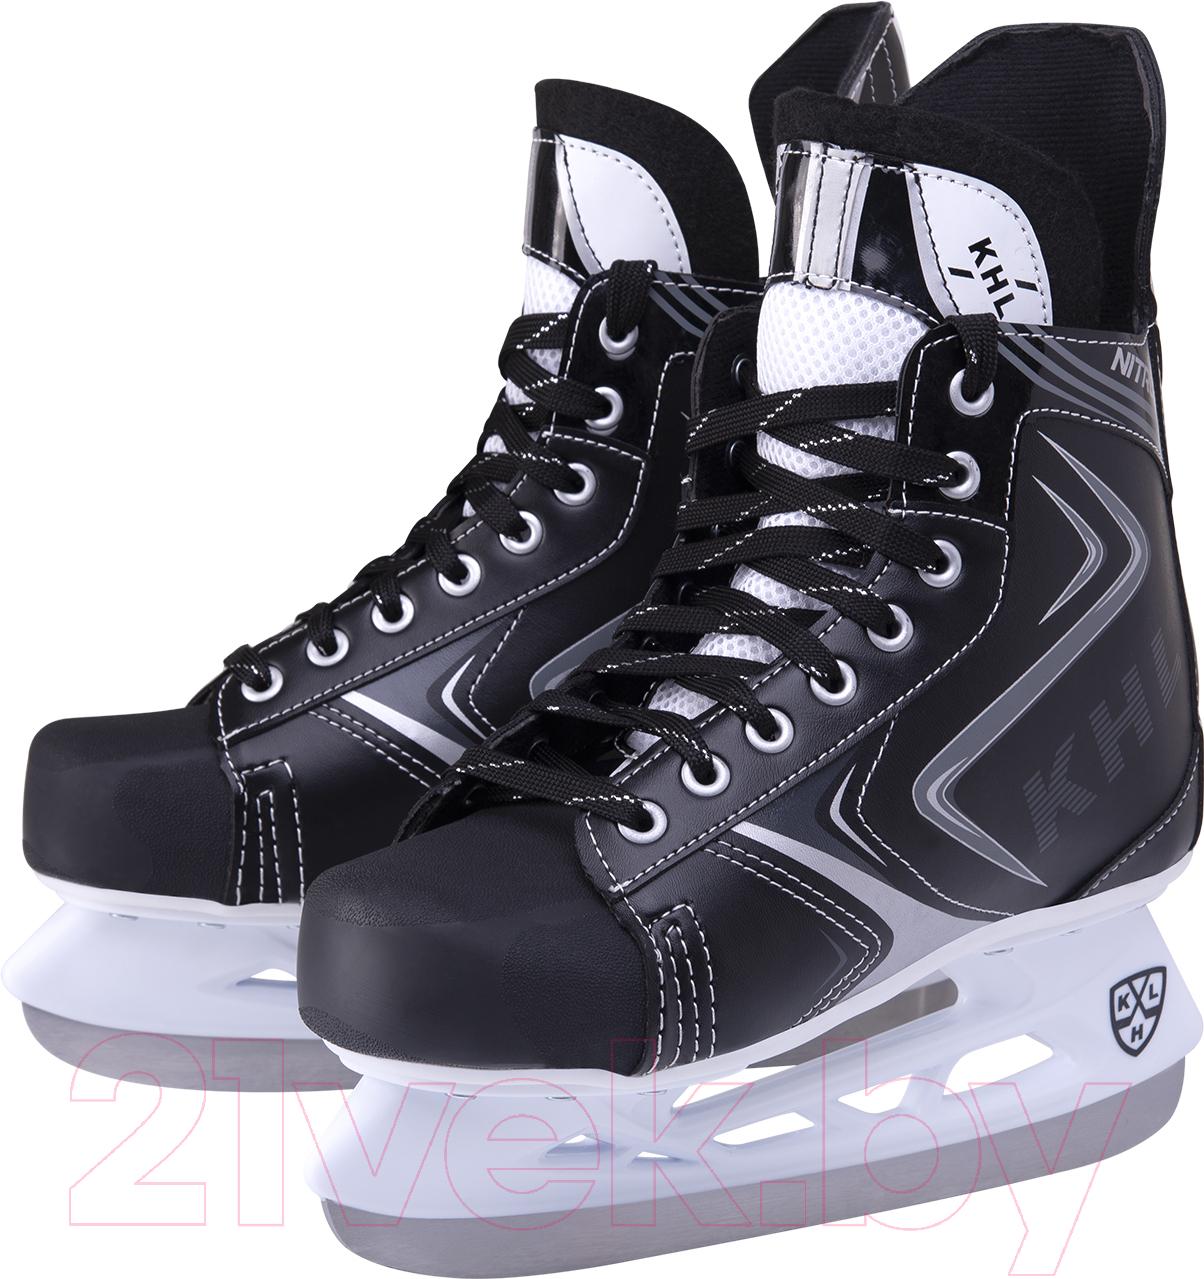 Купить Коньки хоккейные KHL, Nitro (р-р 37), Китай, черный, пластик